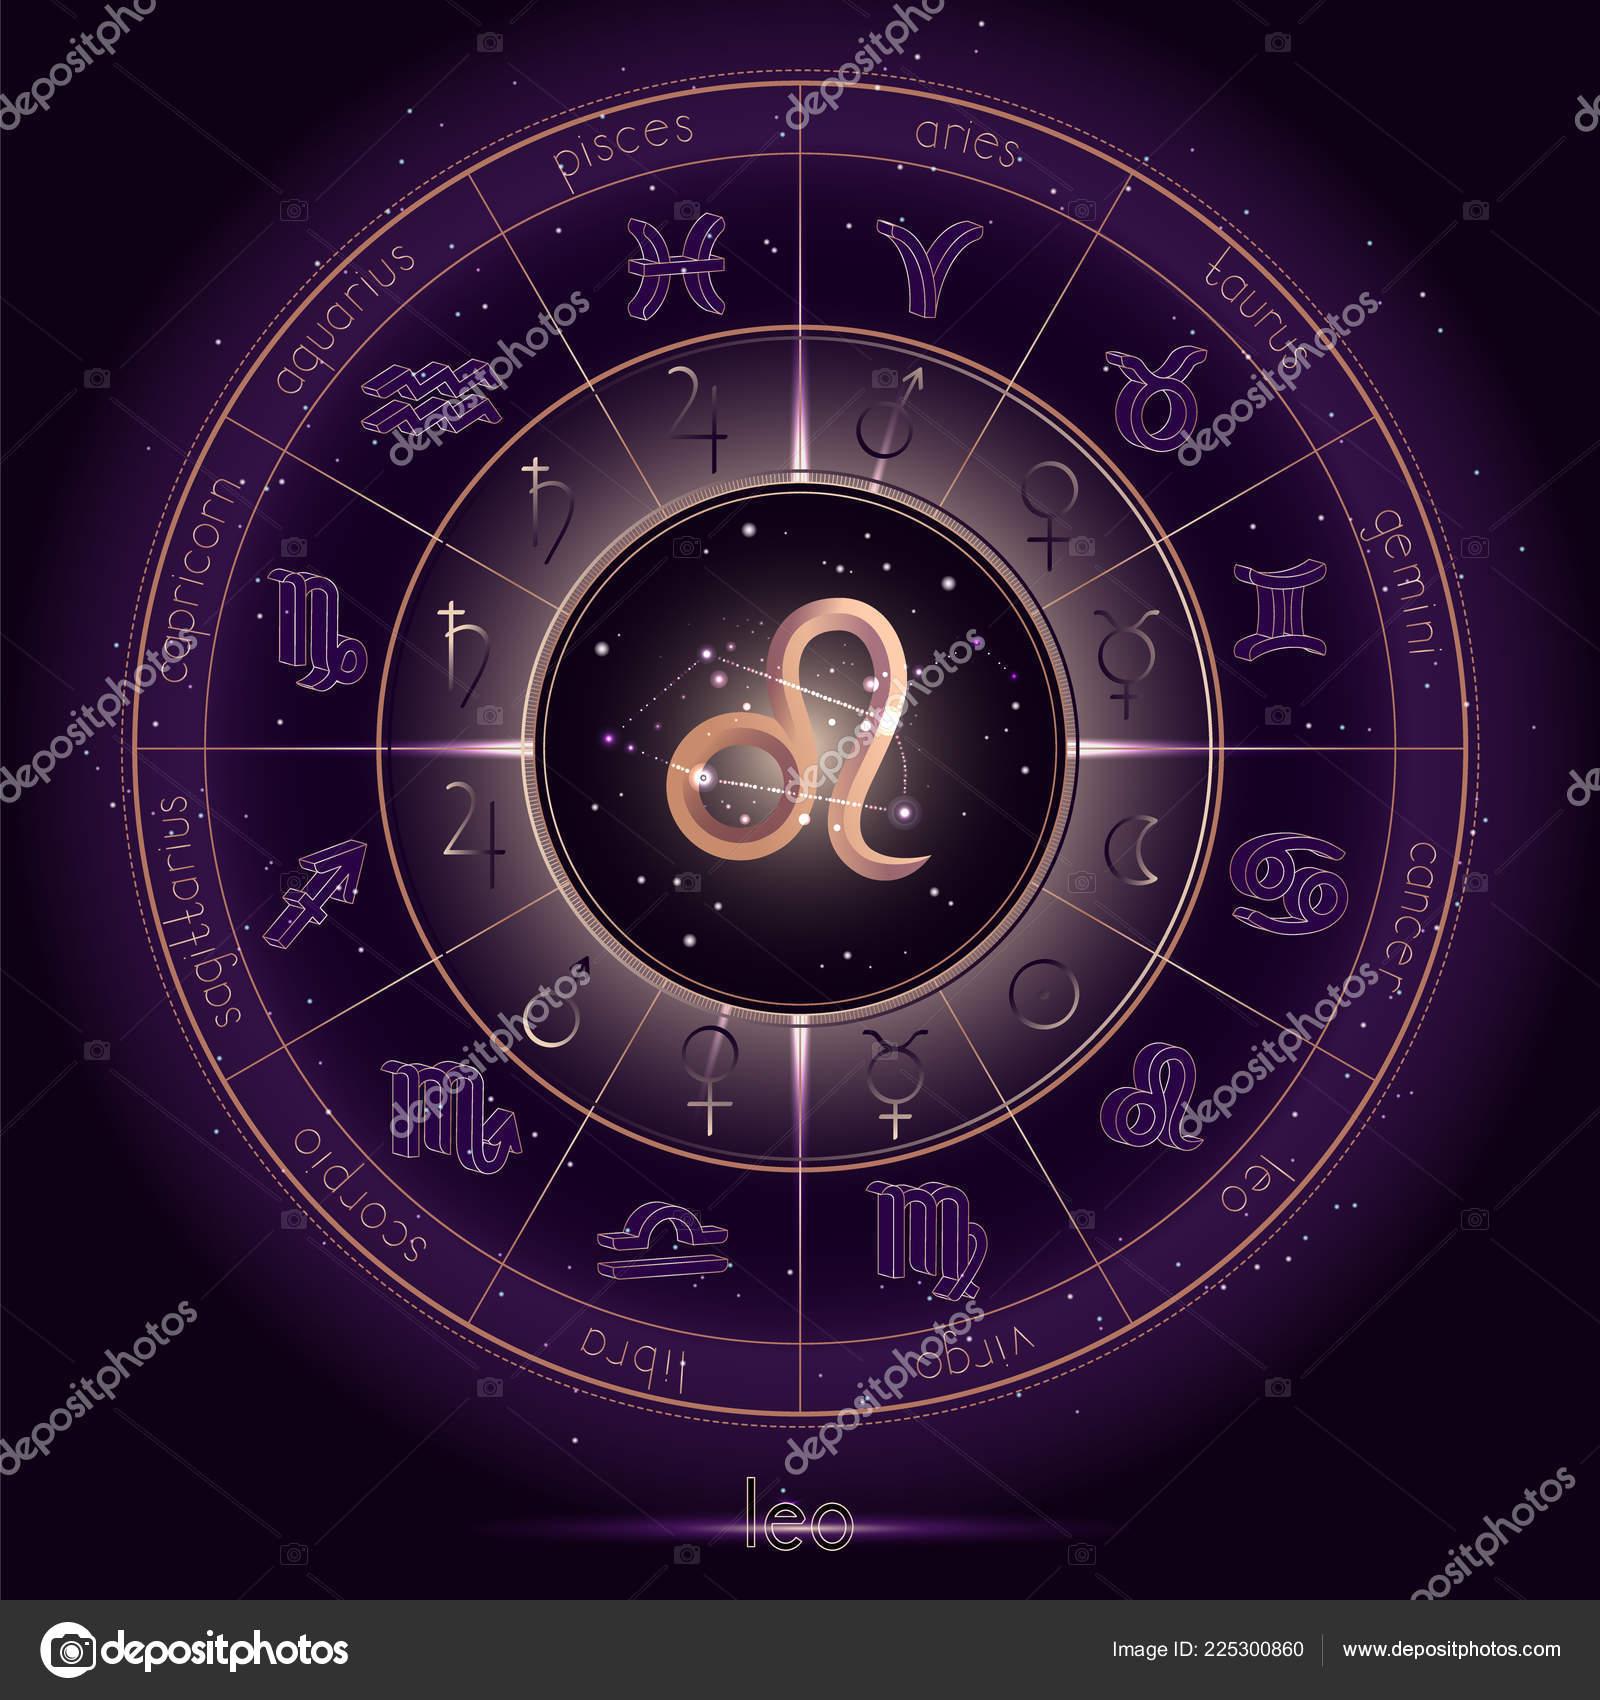 leo horoscope deutsch